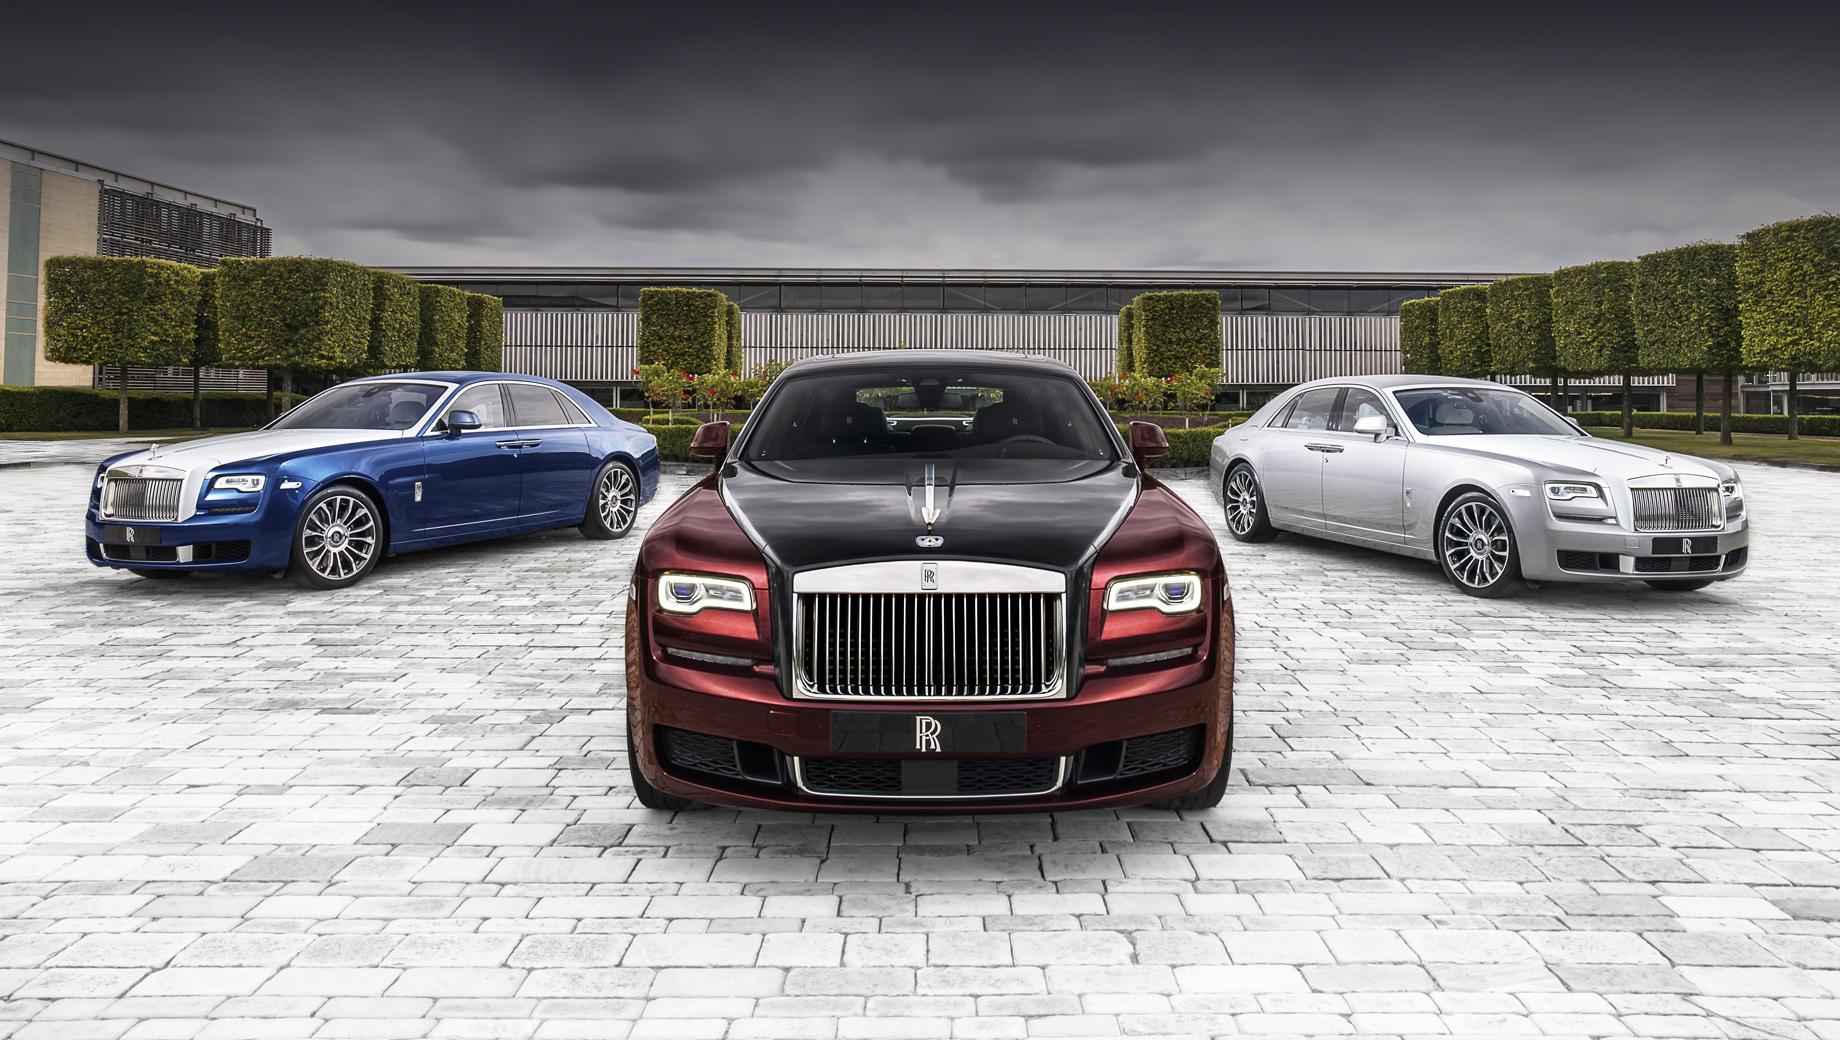 Rollsroyce ghost. Первое поколение Роллс-Ройса Ghost появилось в 2009 году и было названо в честь далёкого предка Silver Ghost 1906 года. Обновлялся седан в 2014-м. Комплектовался наддувным мотором V12 6.6 (BMW N74) мощностью от 570 до 612 л.с., в зависимости от версии.